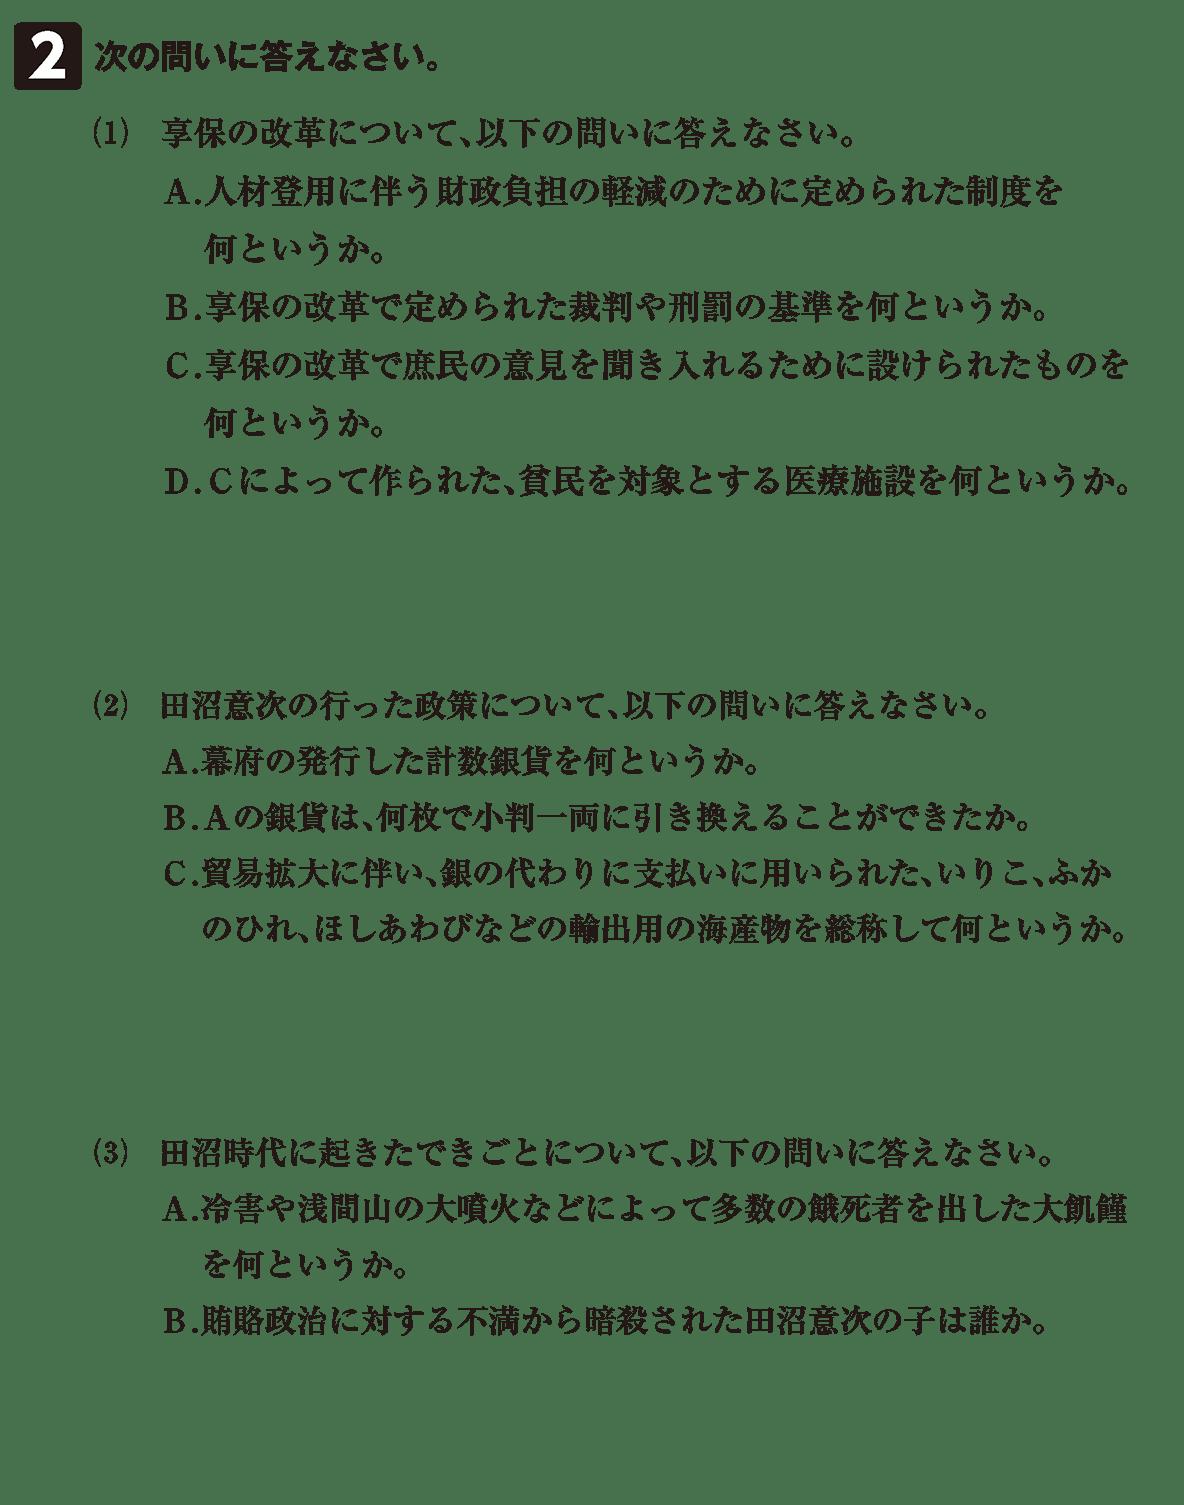 近世39 問題2 カッコ空欄